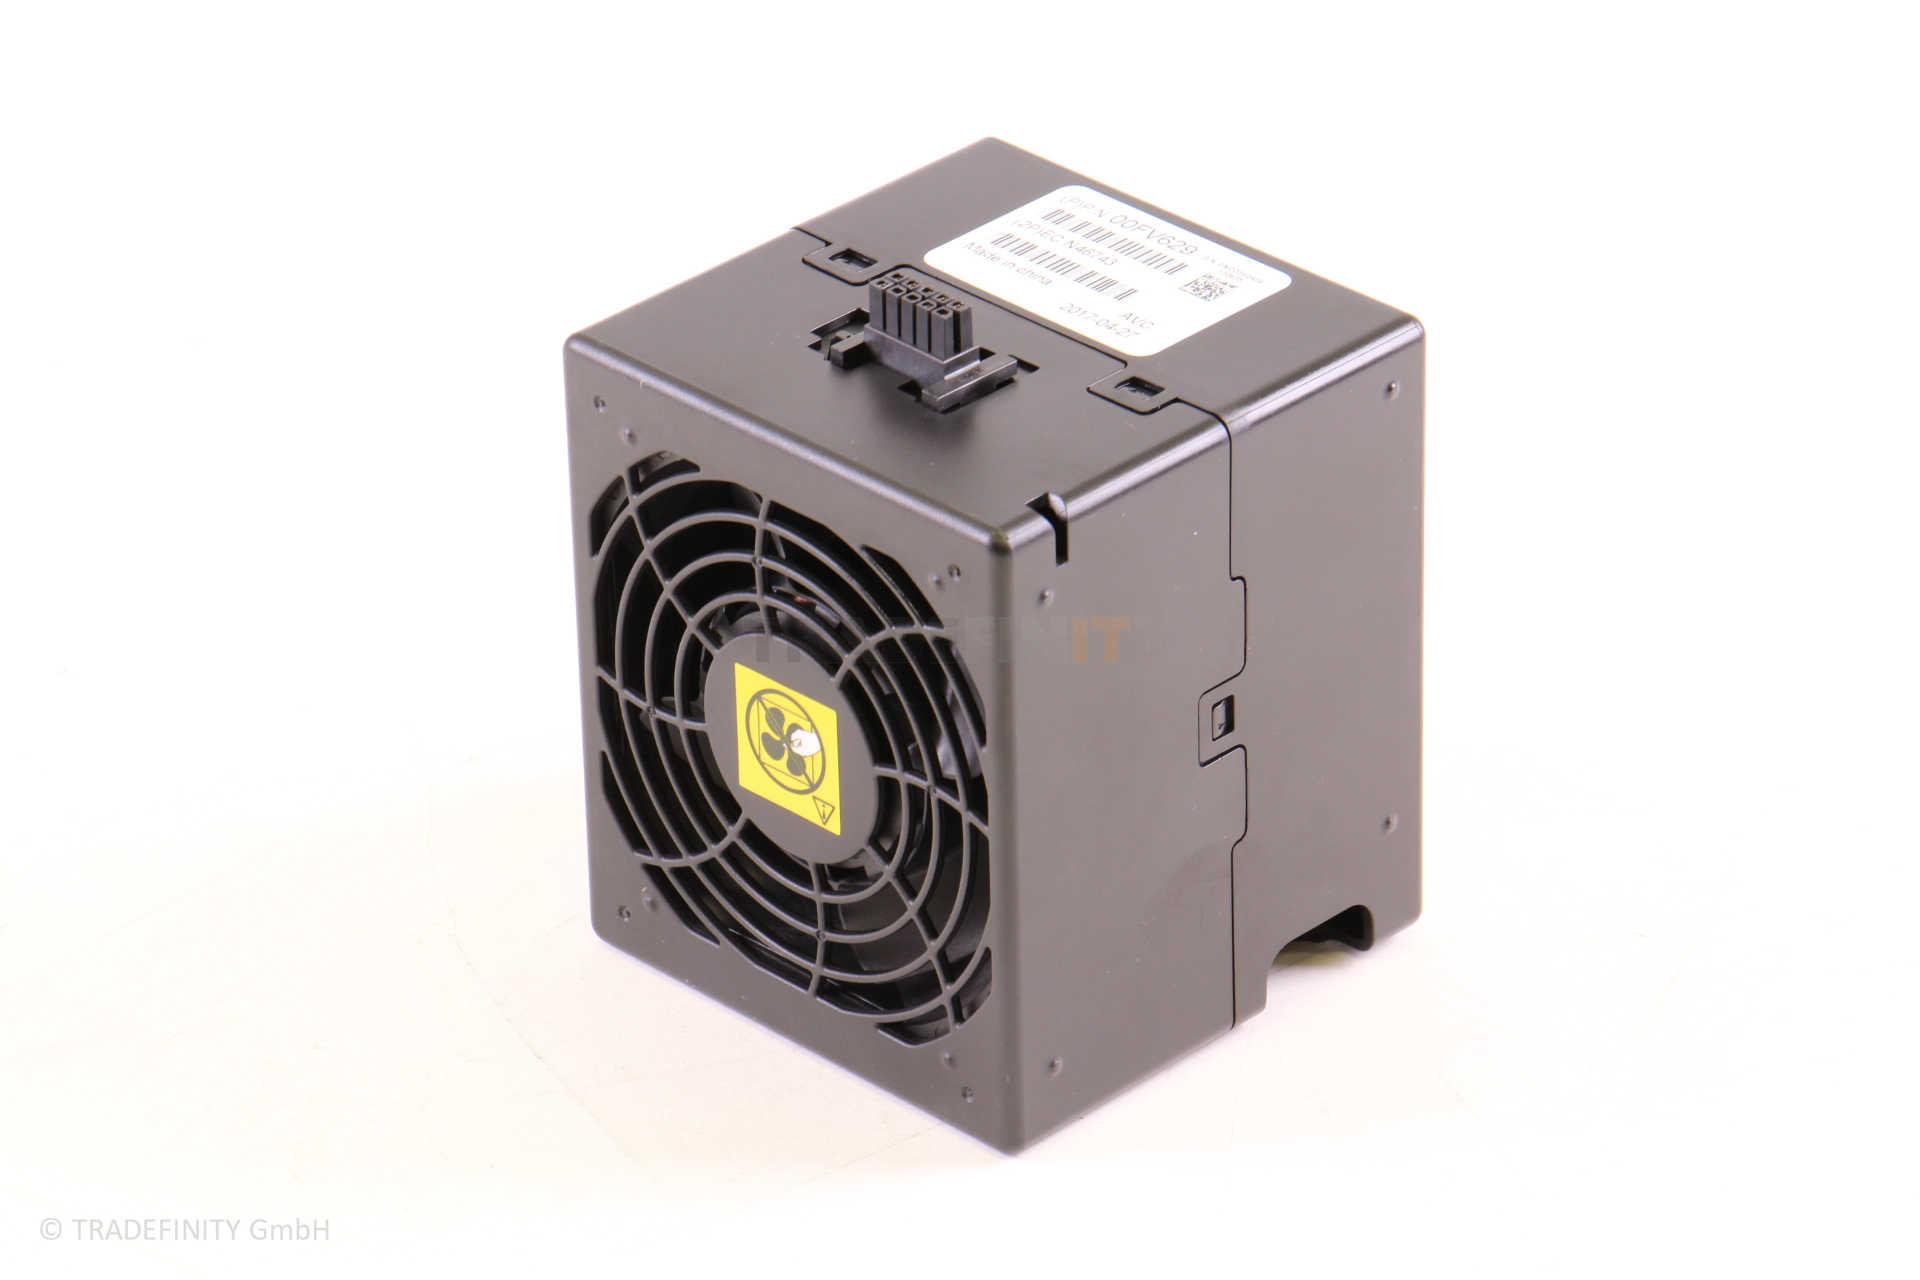 Power S824 Fan Assembly